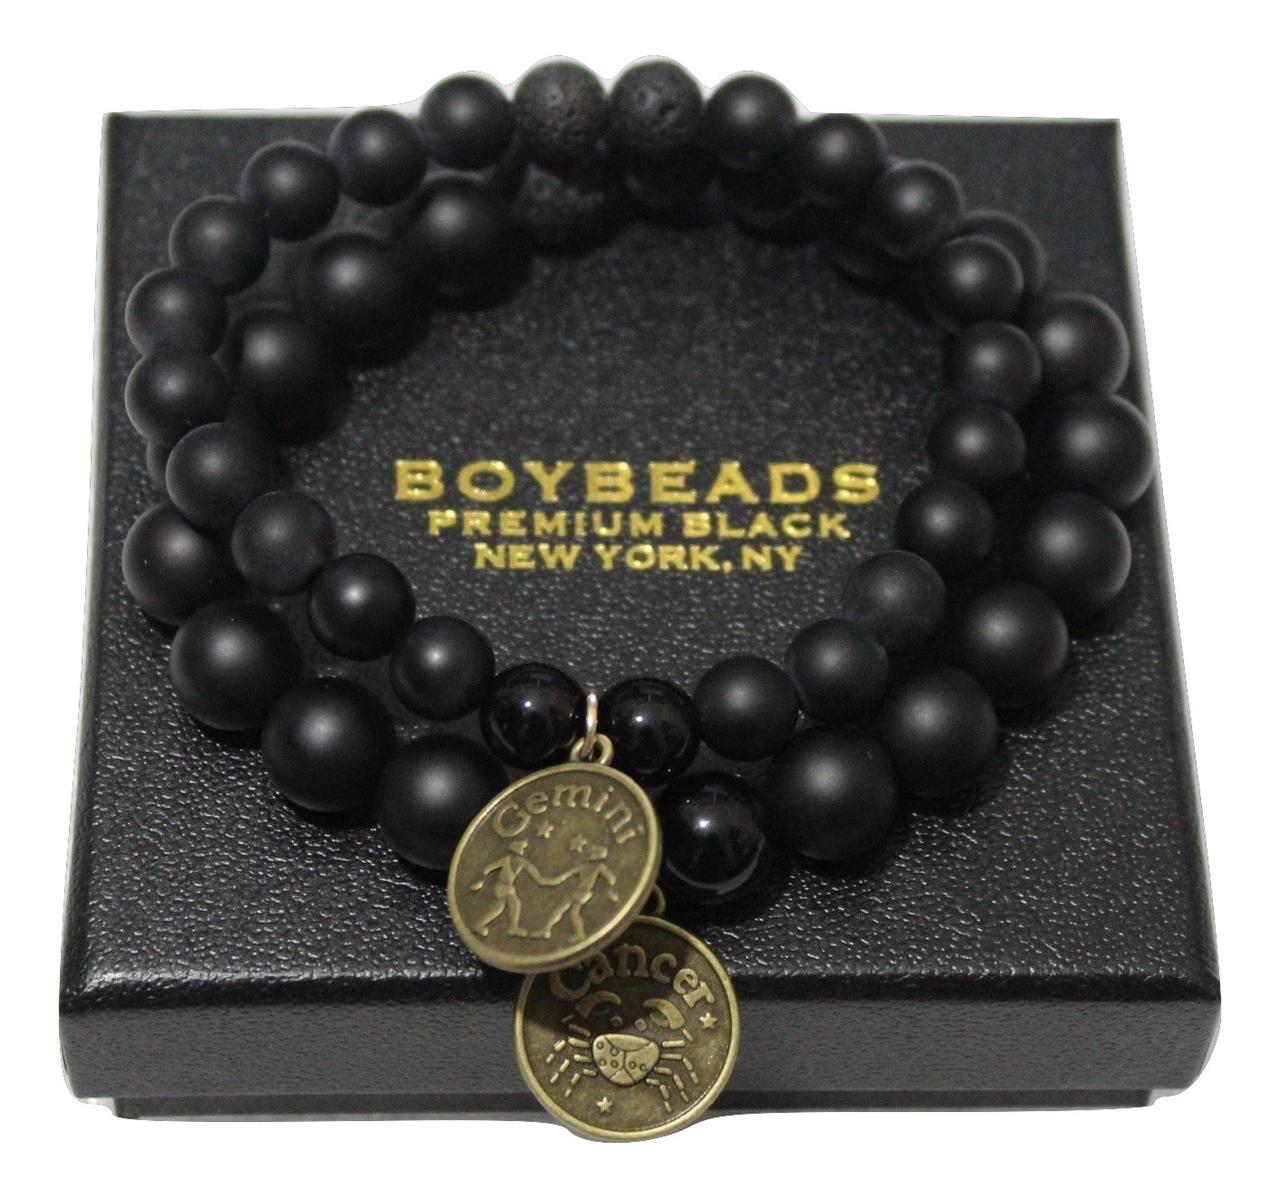 8e62444e89c62 BOYBEADS- Custom Beaded Bracelets for Men New York, NY: August 2016